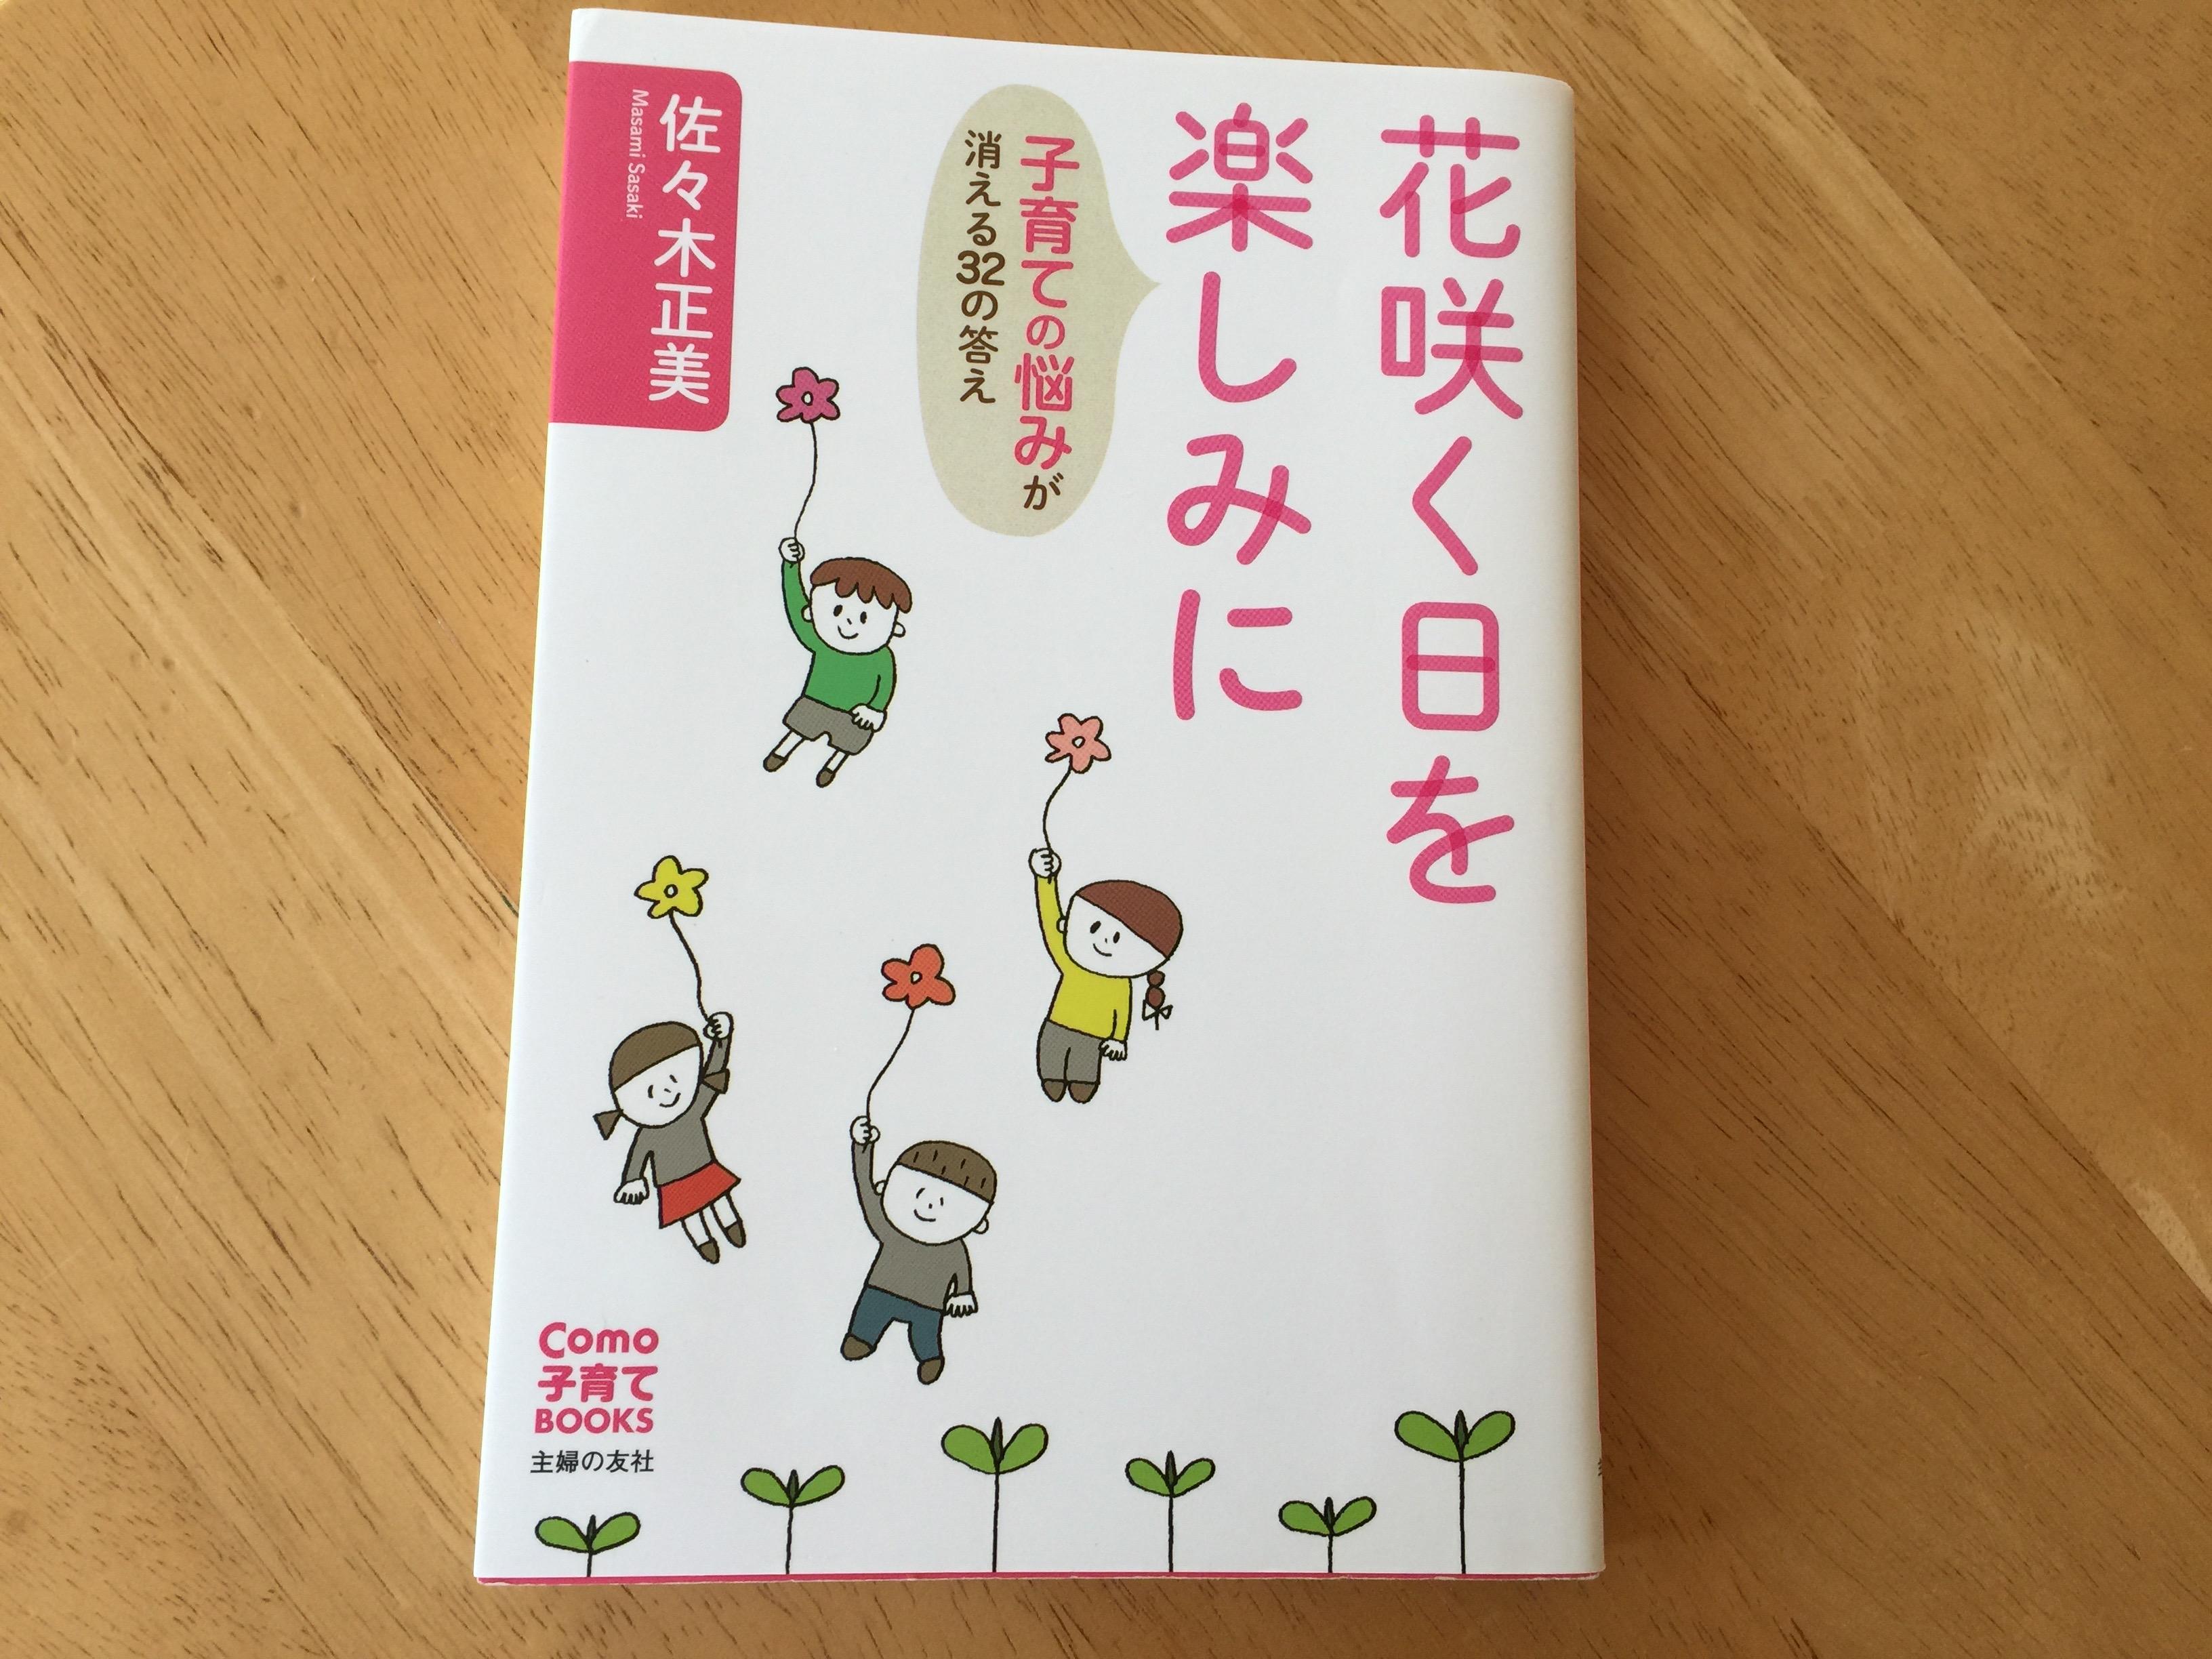 おすすめ育児本はこれ! 保育士ママが選ぶ子育てに役立つ本10選♪